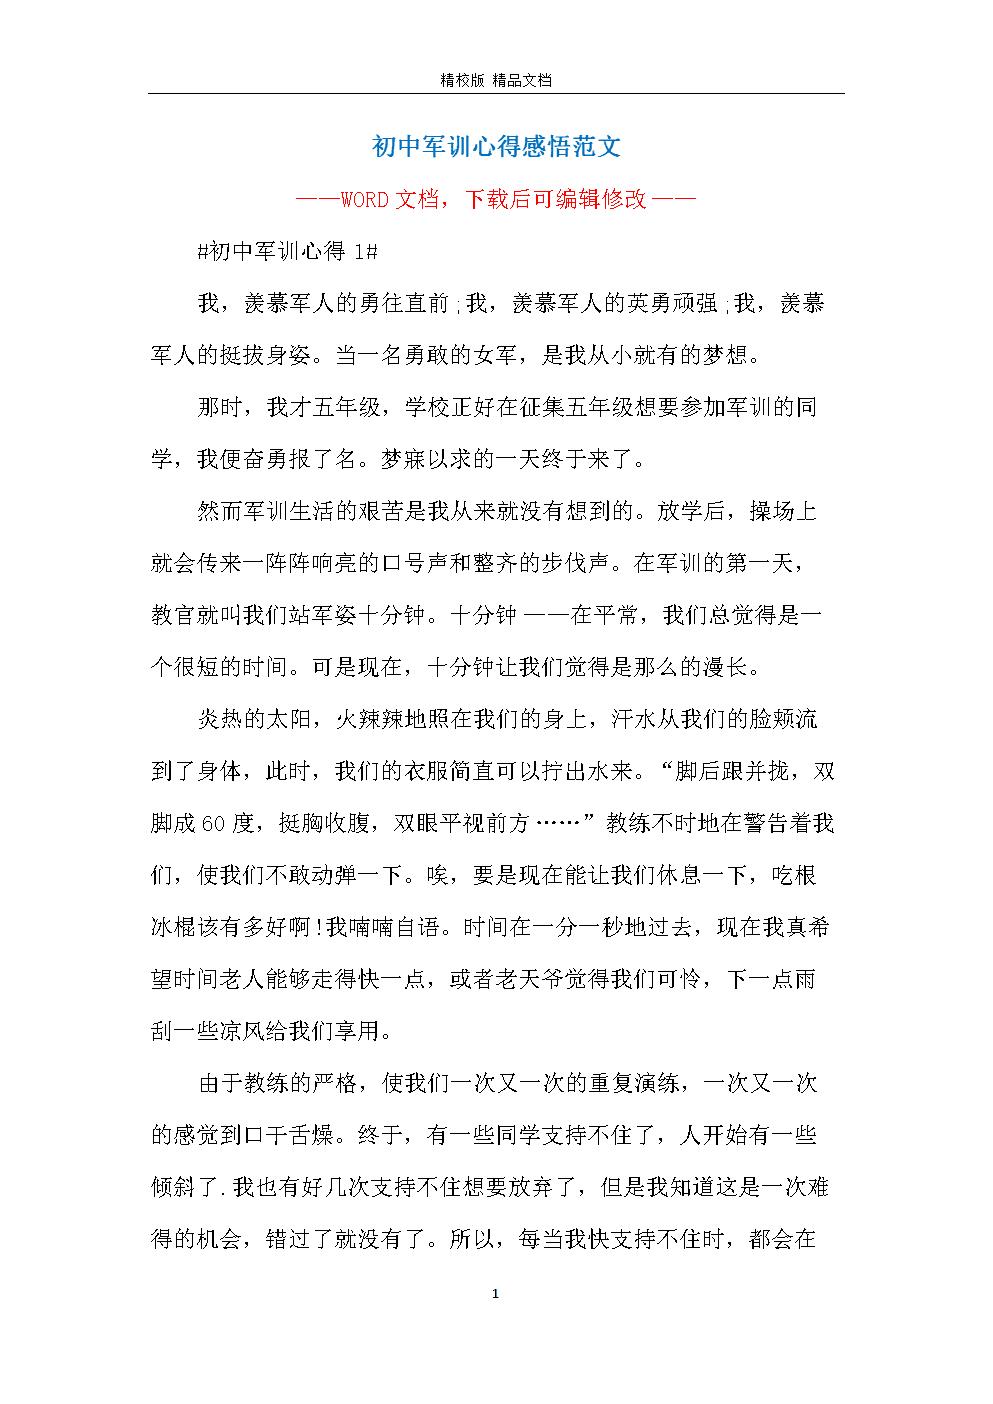 初中军训心得感悟范文.docx